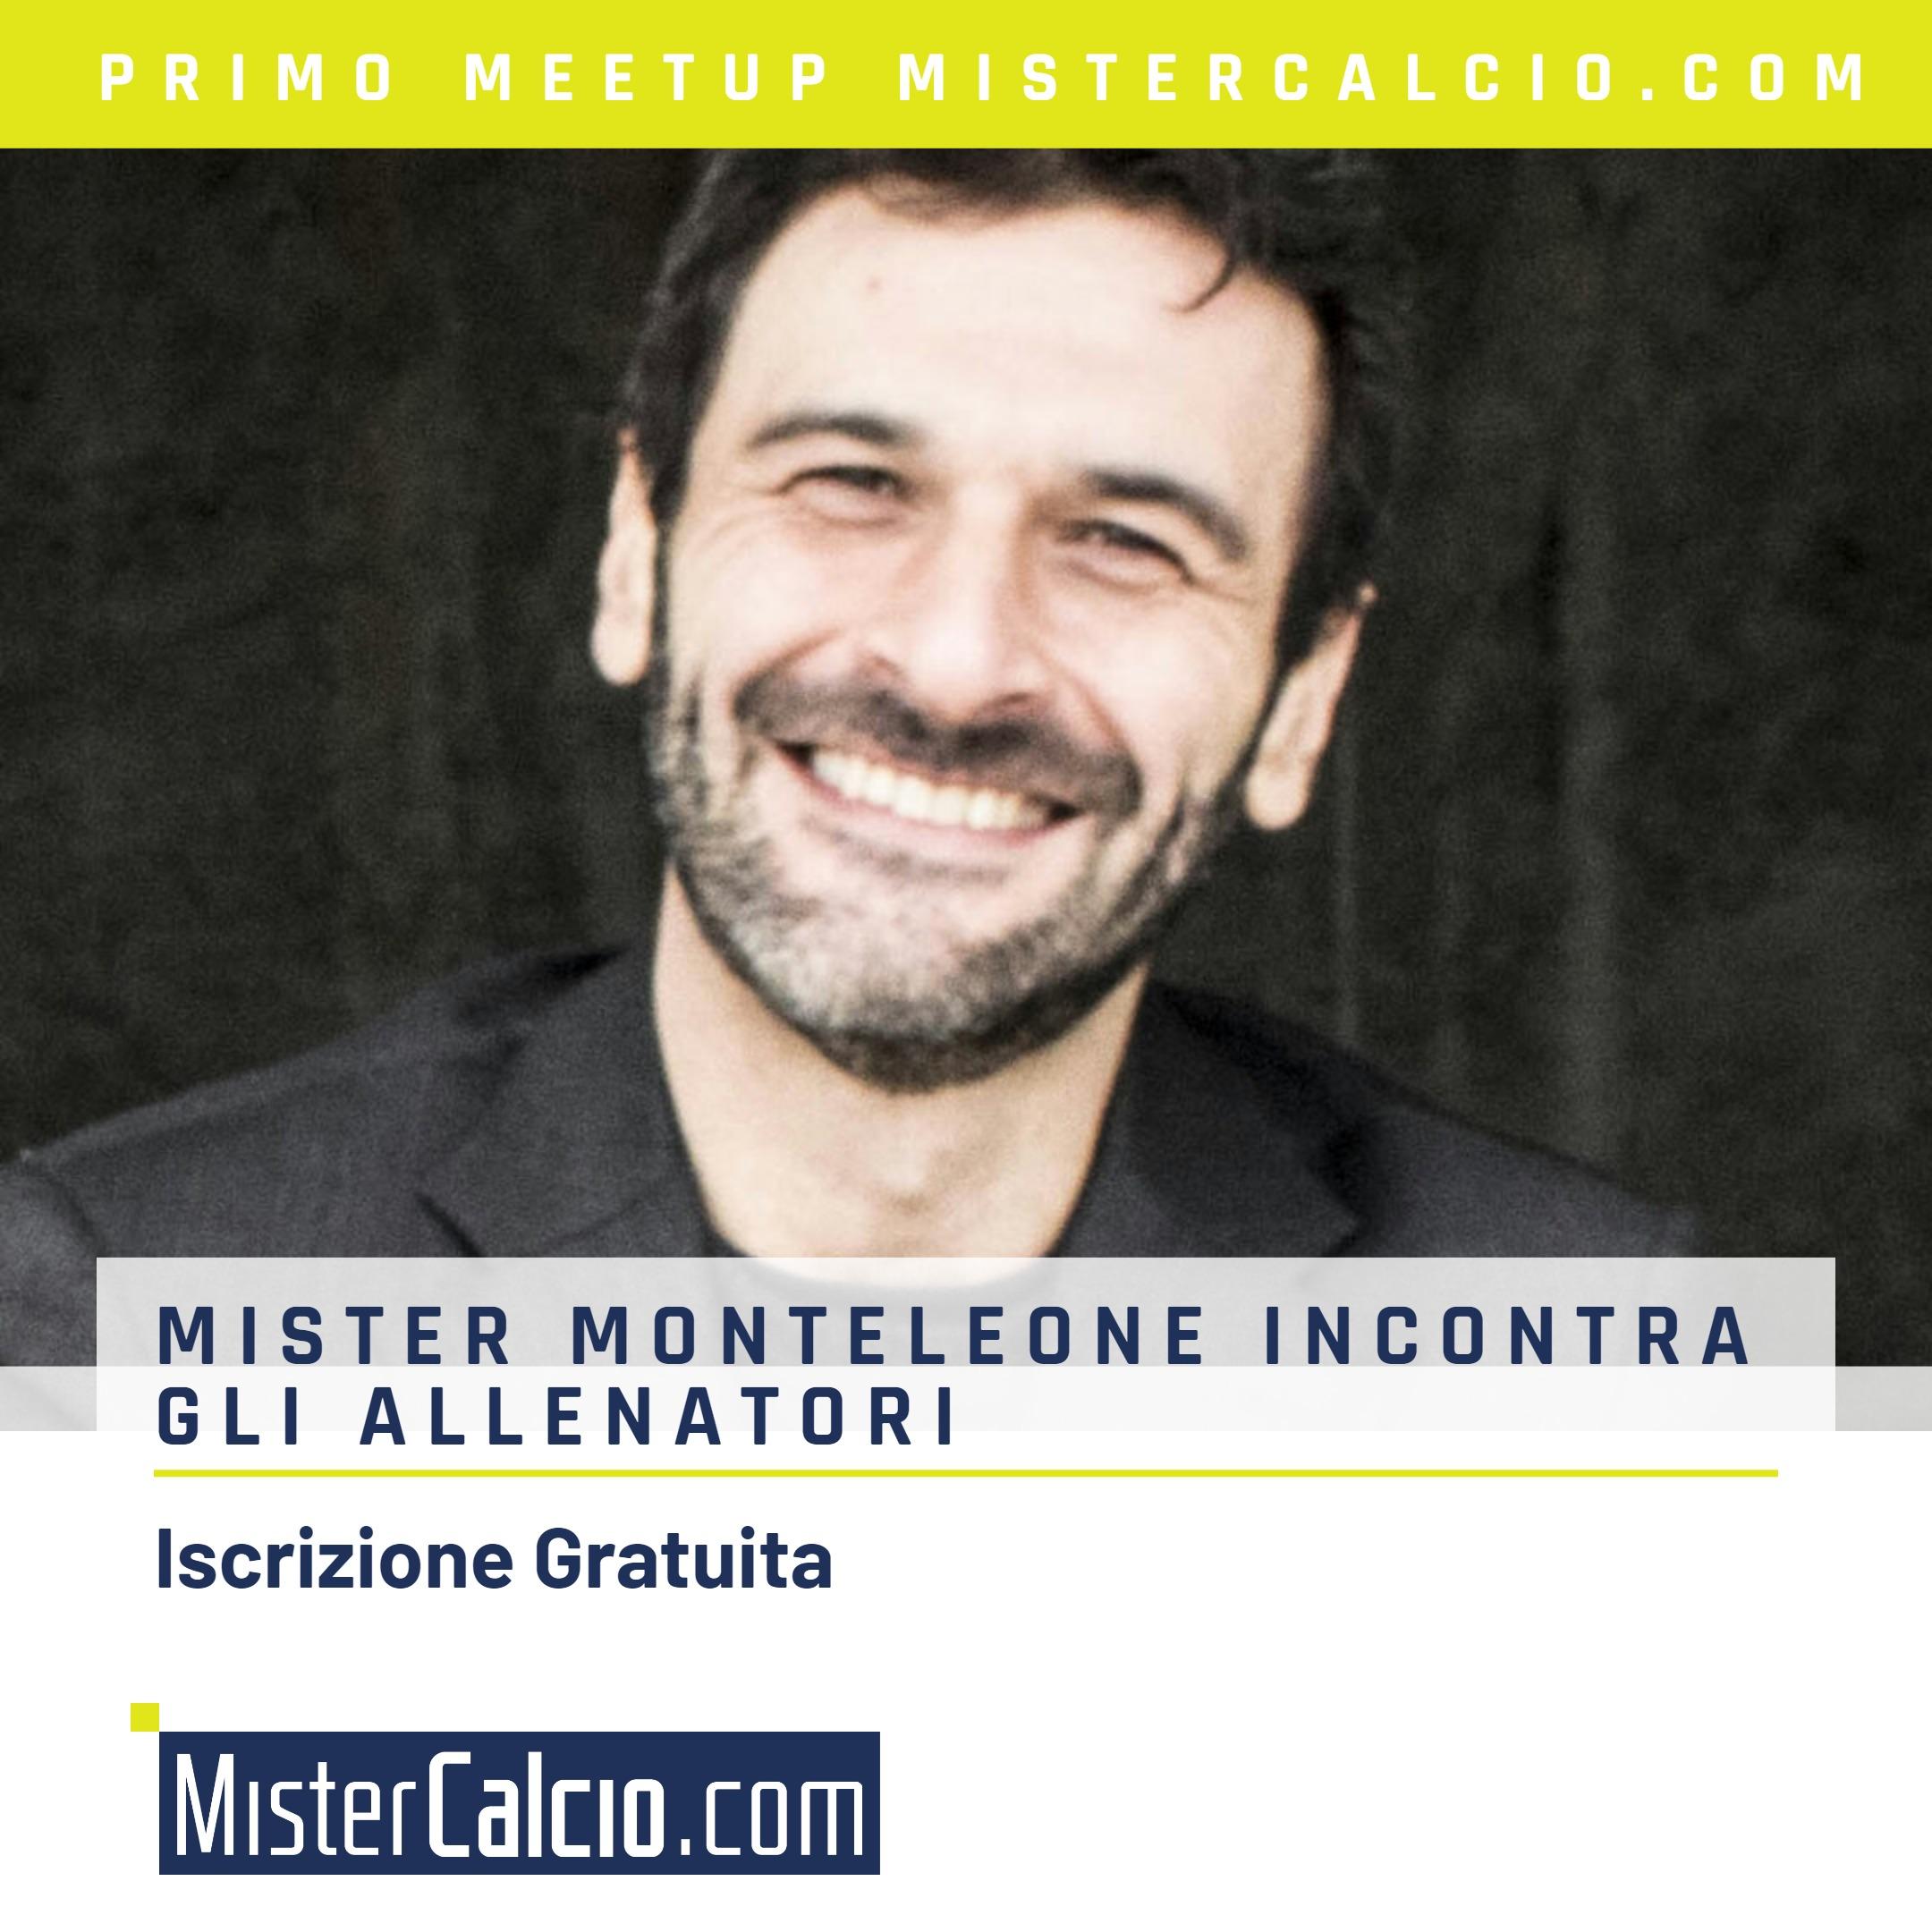 Meetup mistercalcio.com